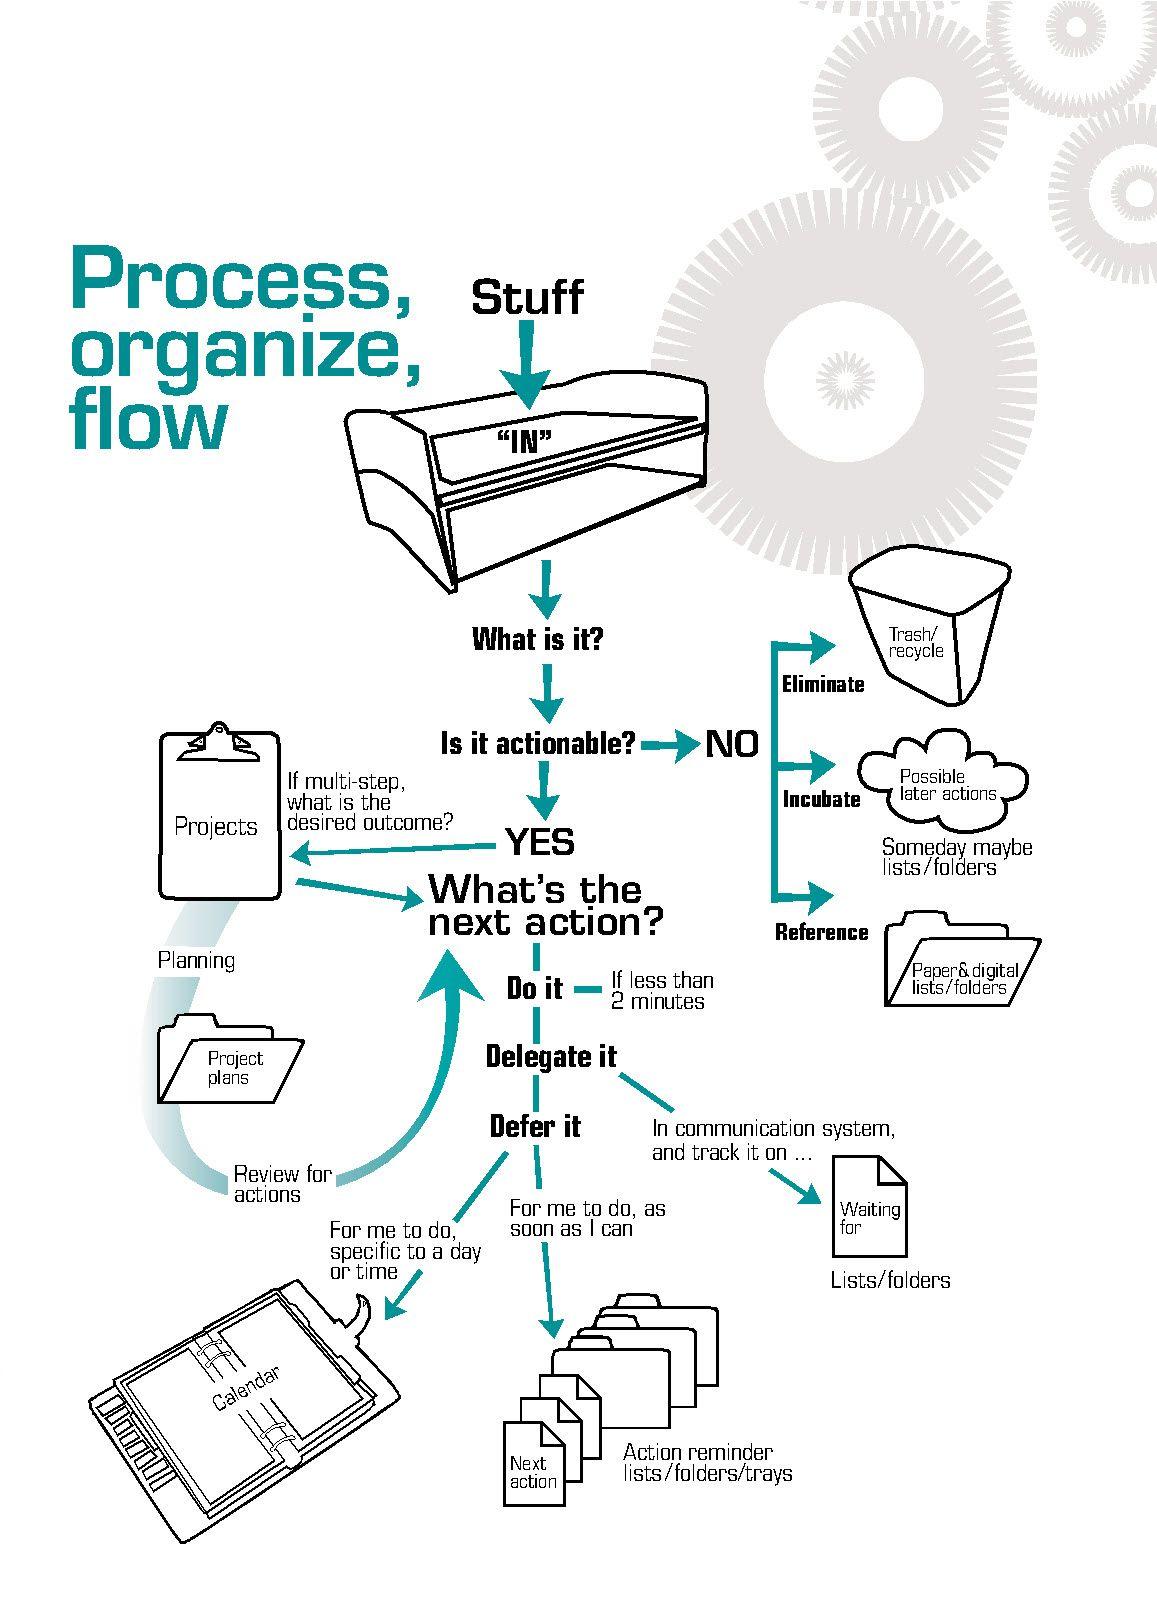 Process organize flow diagram gtd productivity productivity process organize flow diagram gtd productivity productivity pinterest projetos ccuart Images